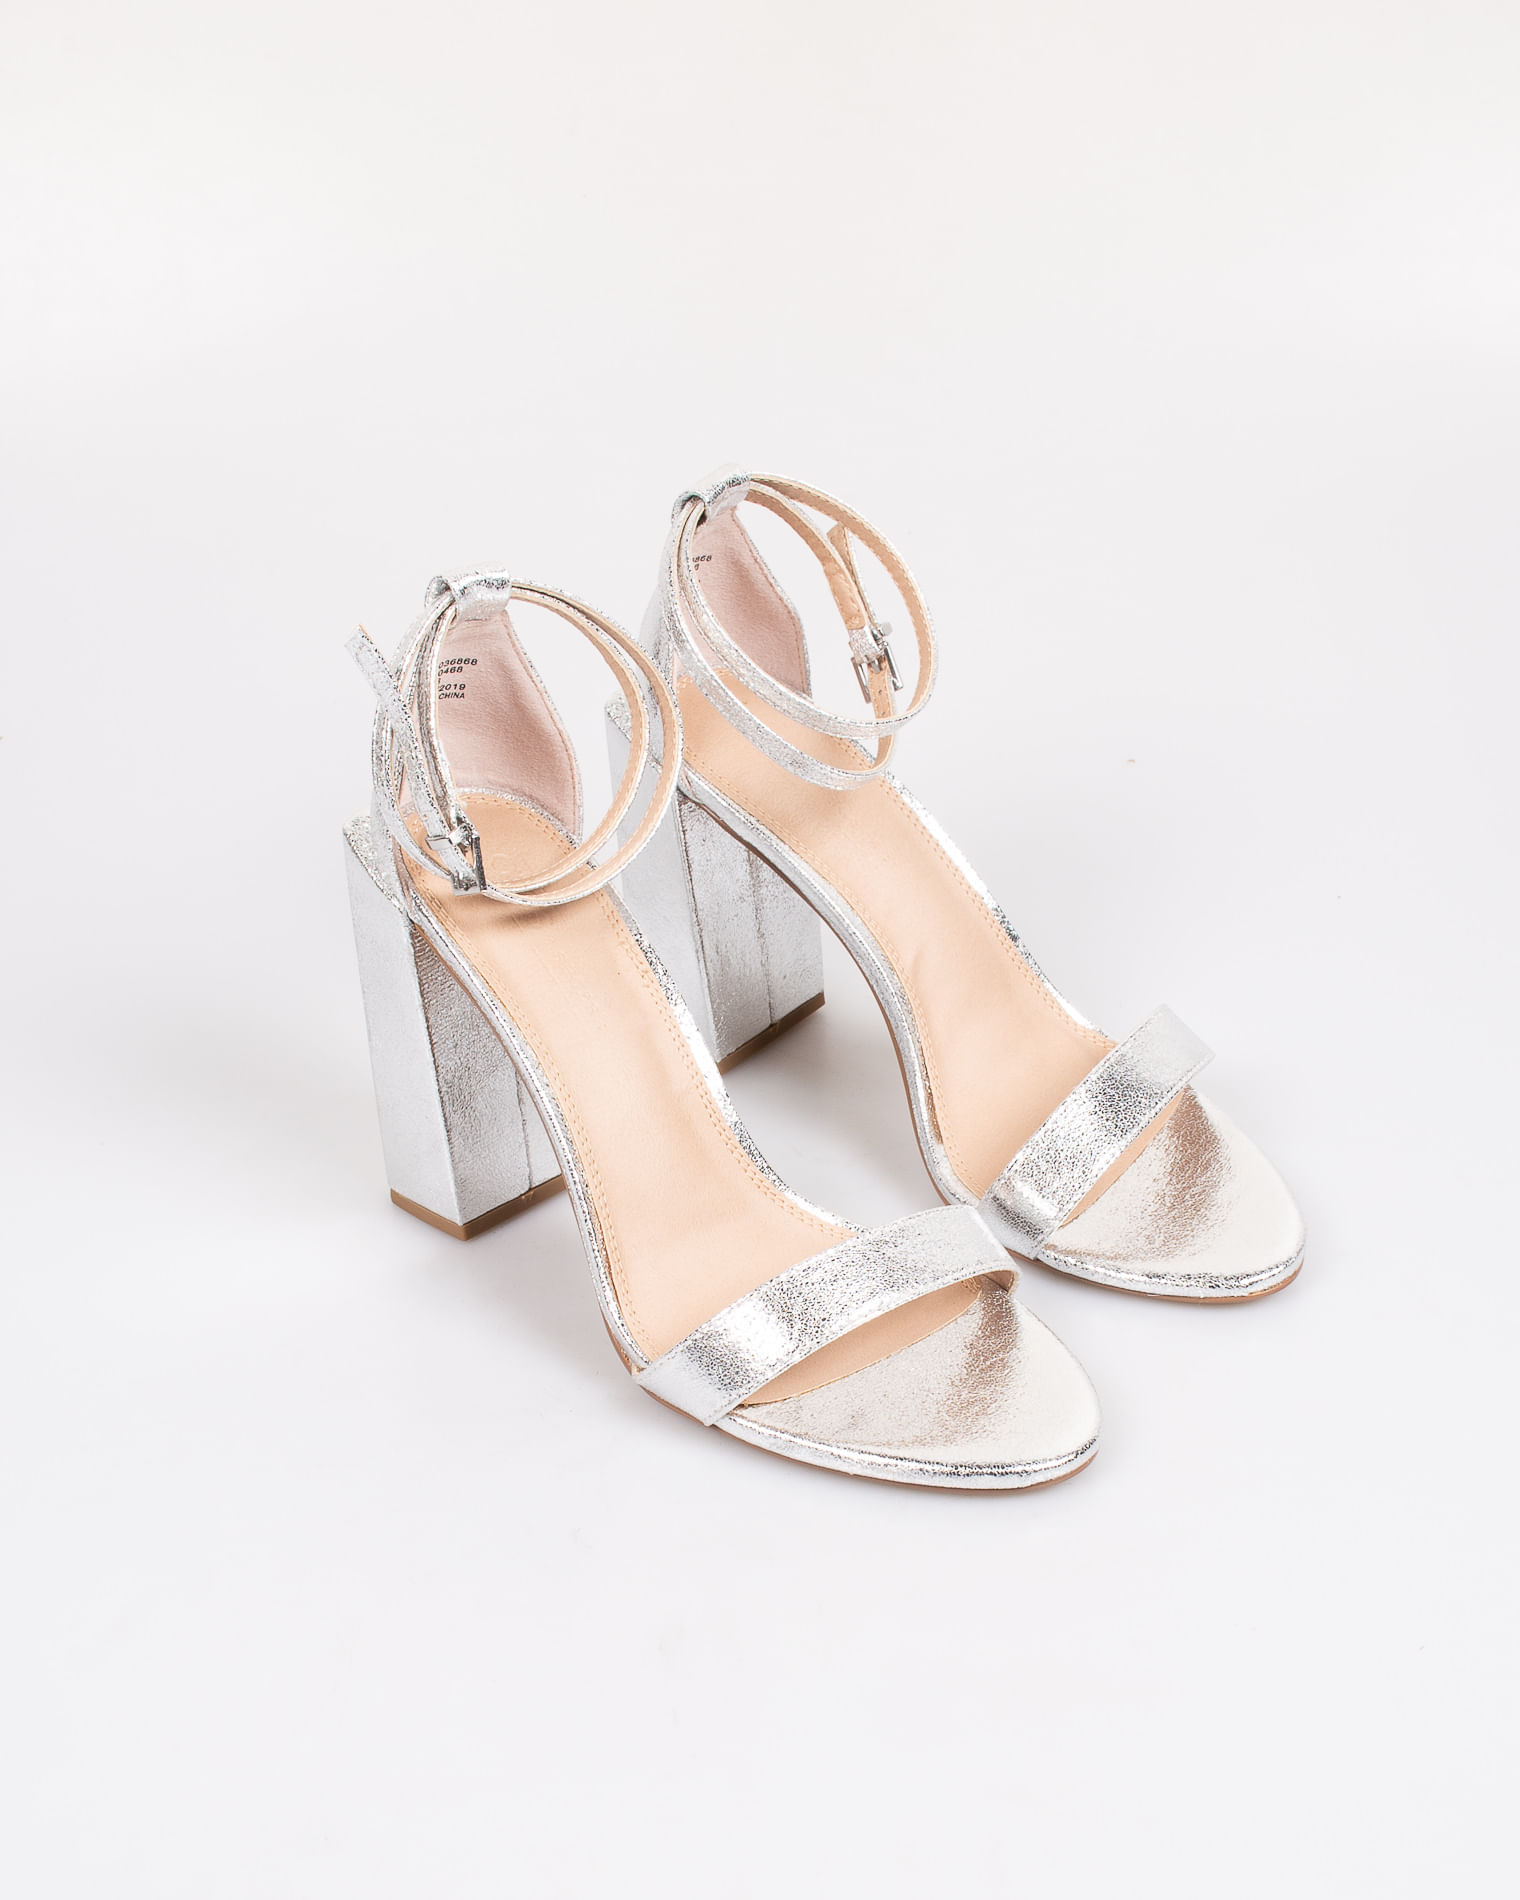 pantofi clasici pe picioare imagini din încălţăminte Sandale elegante argintii cu toc si barete cu catarama - Miniprix